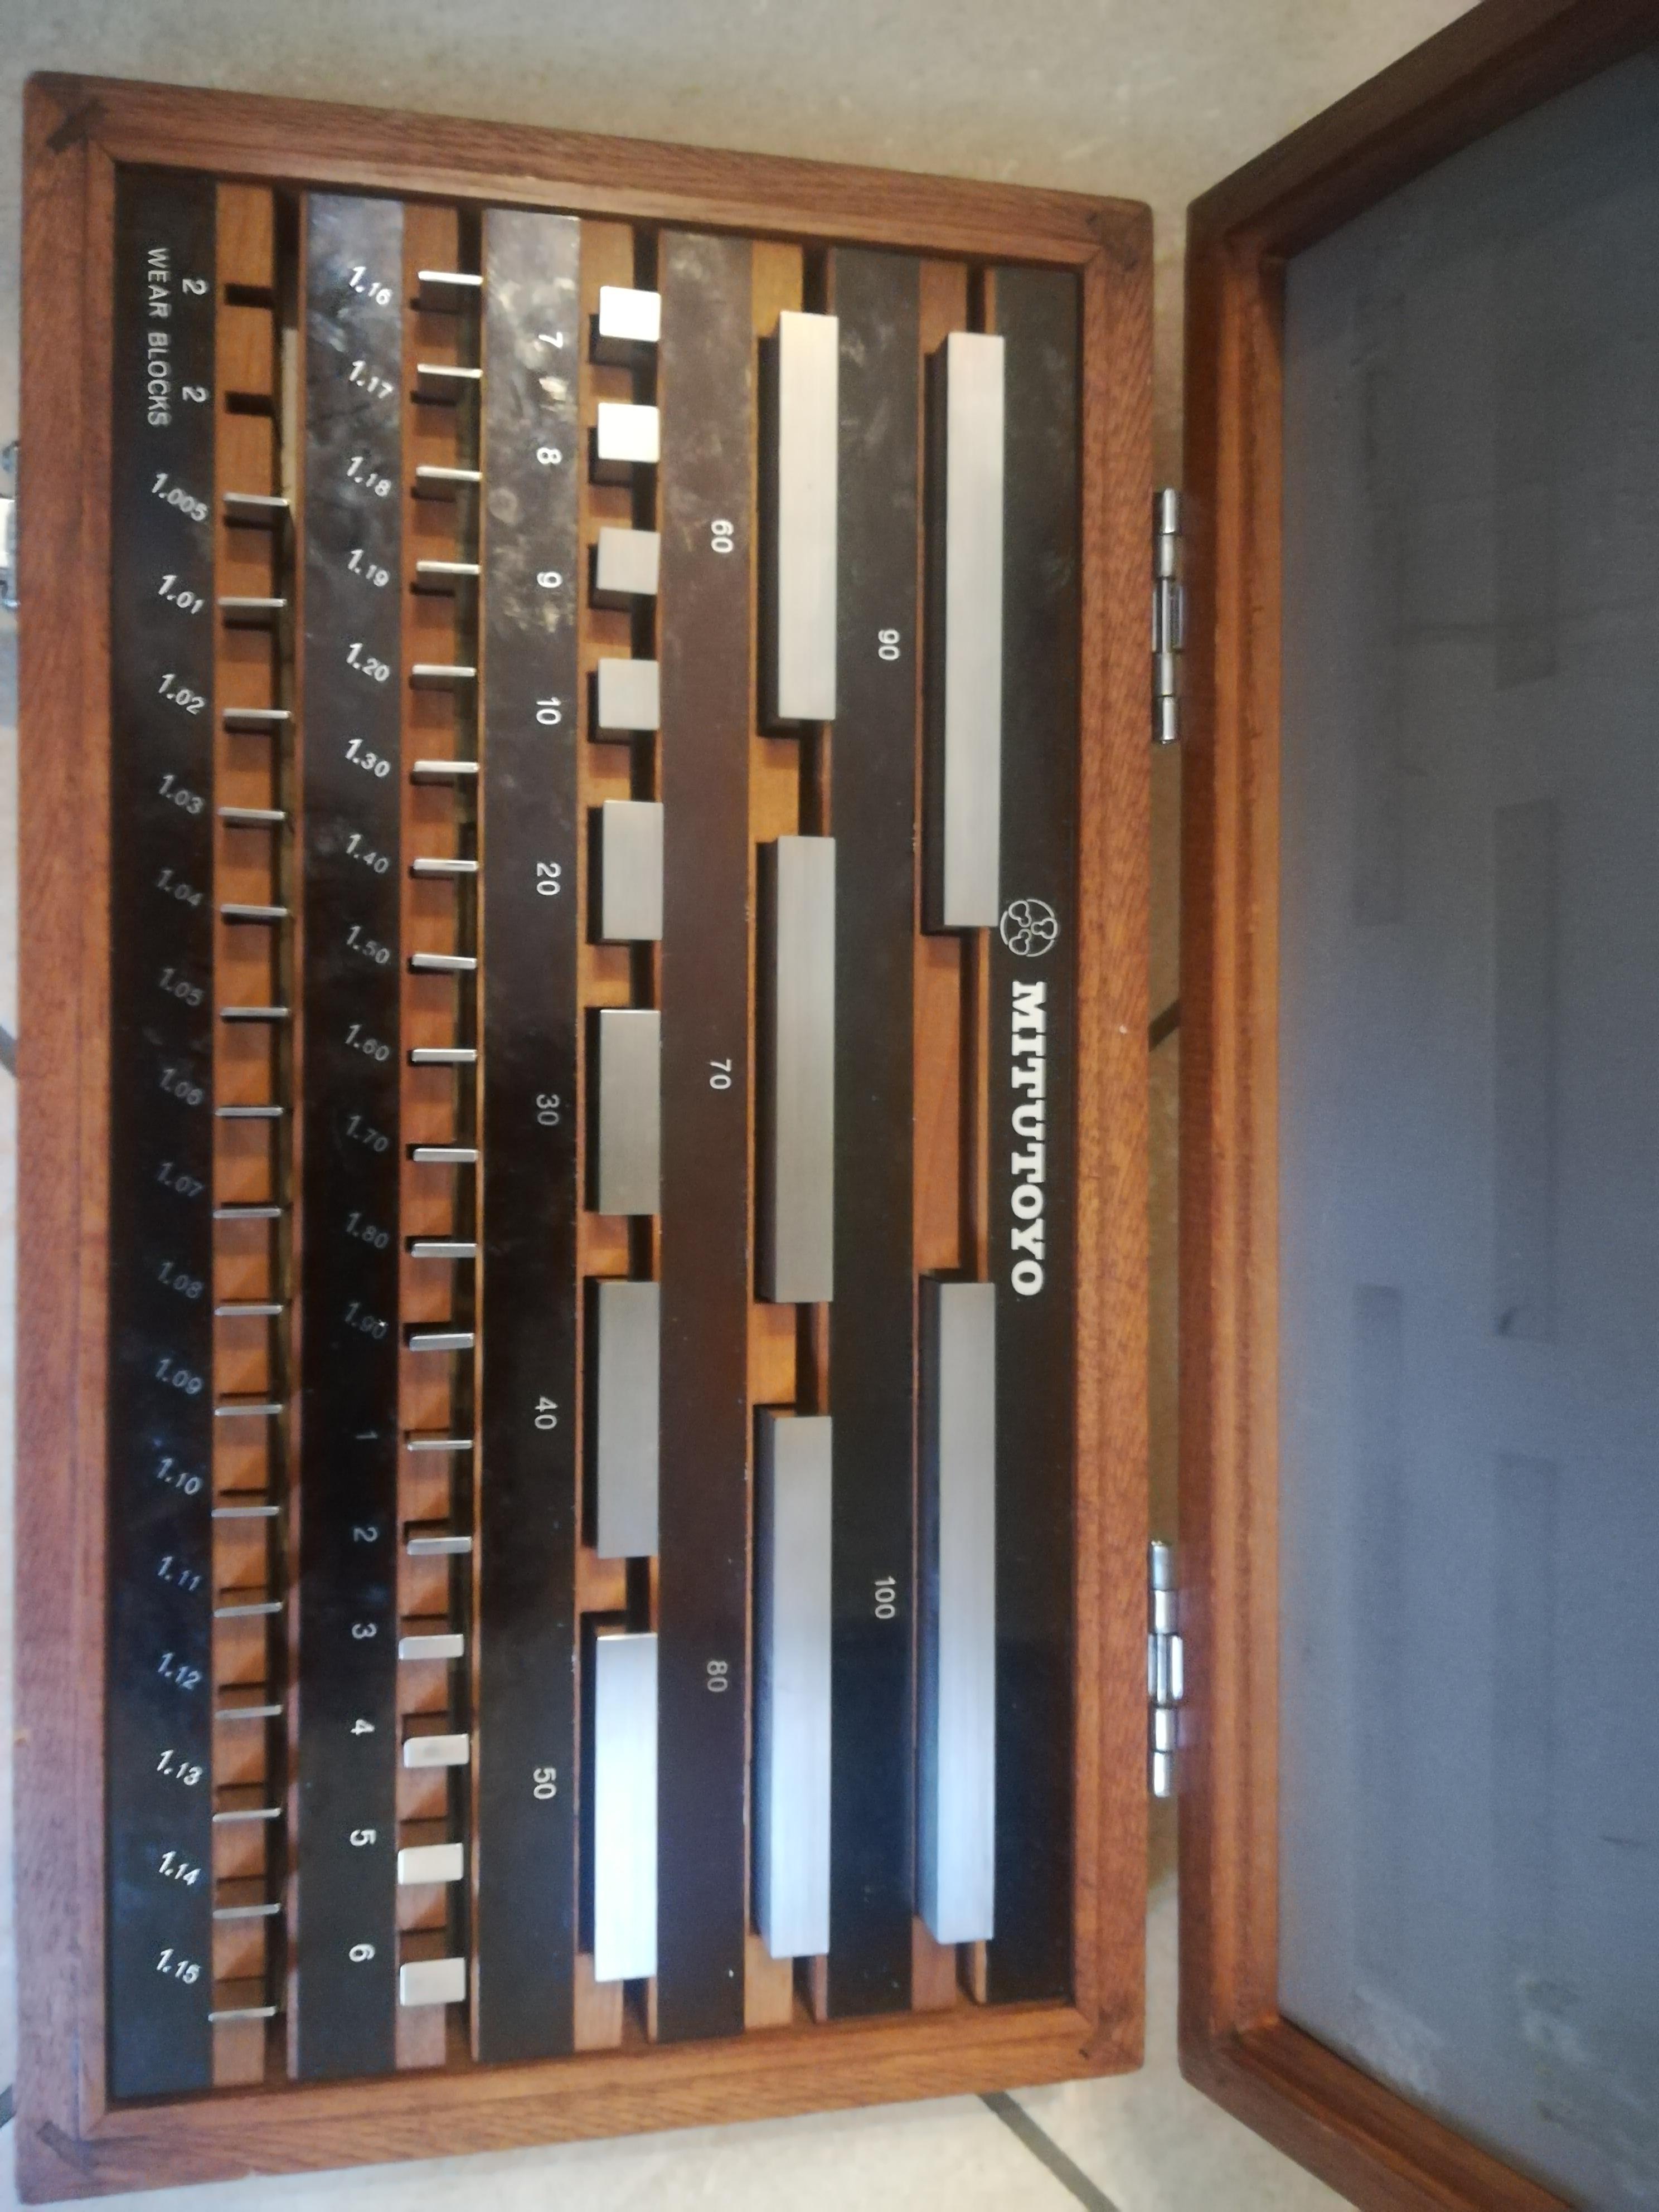 Blocchetti di riscontro Mitutoyo  47 pz.  Grado 1  in vendita - foto 1